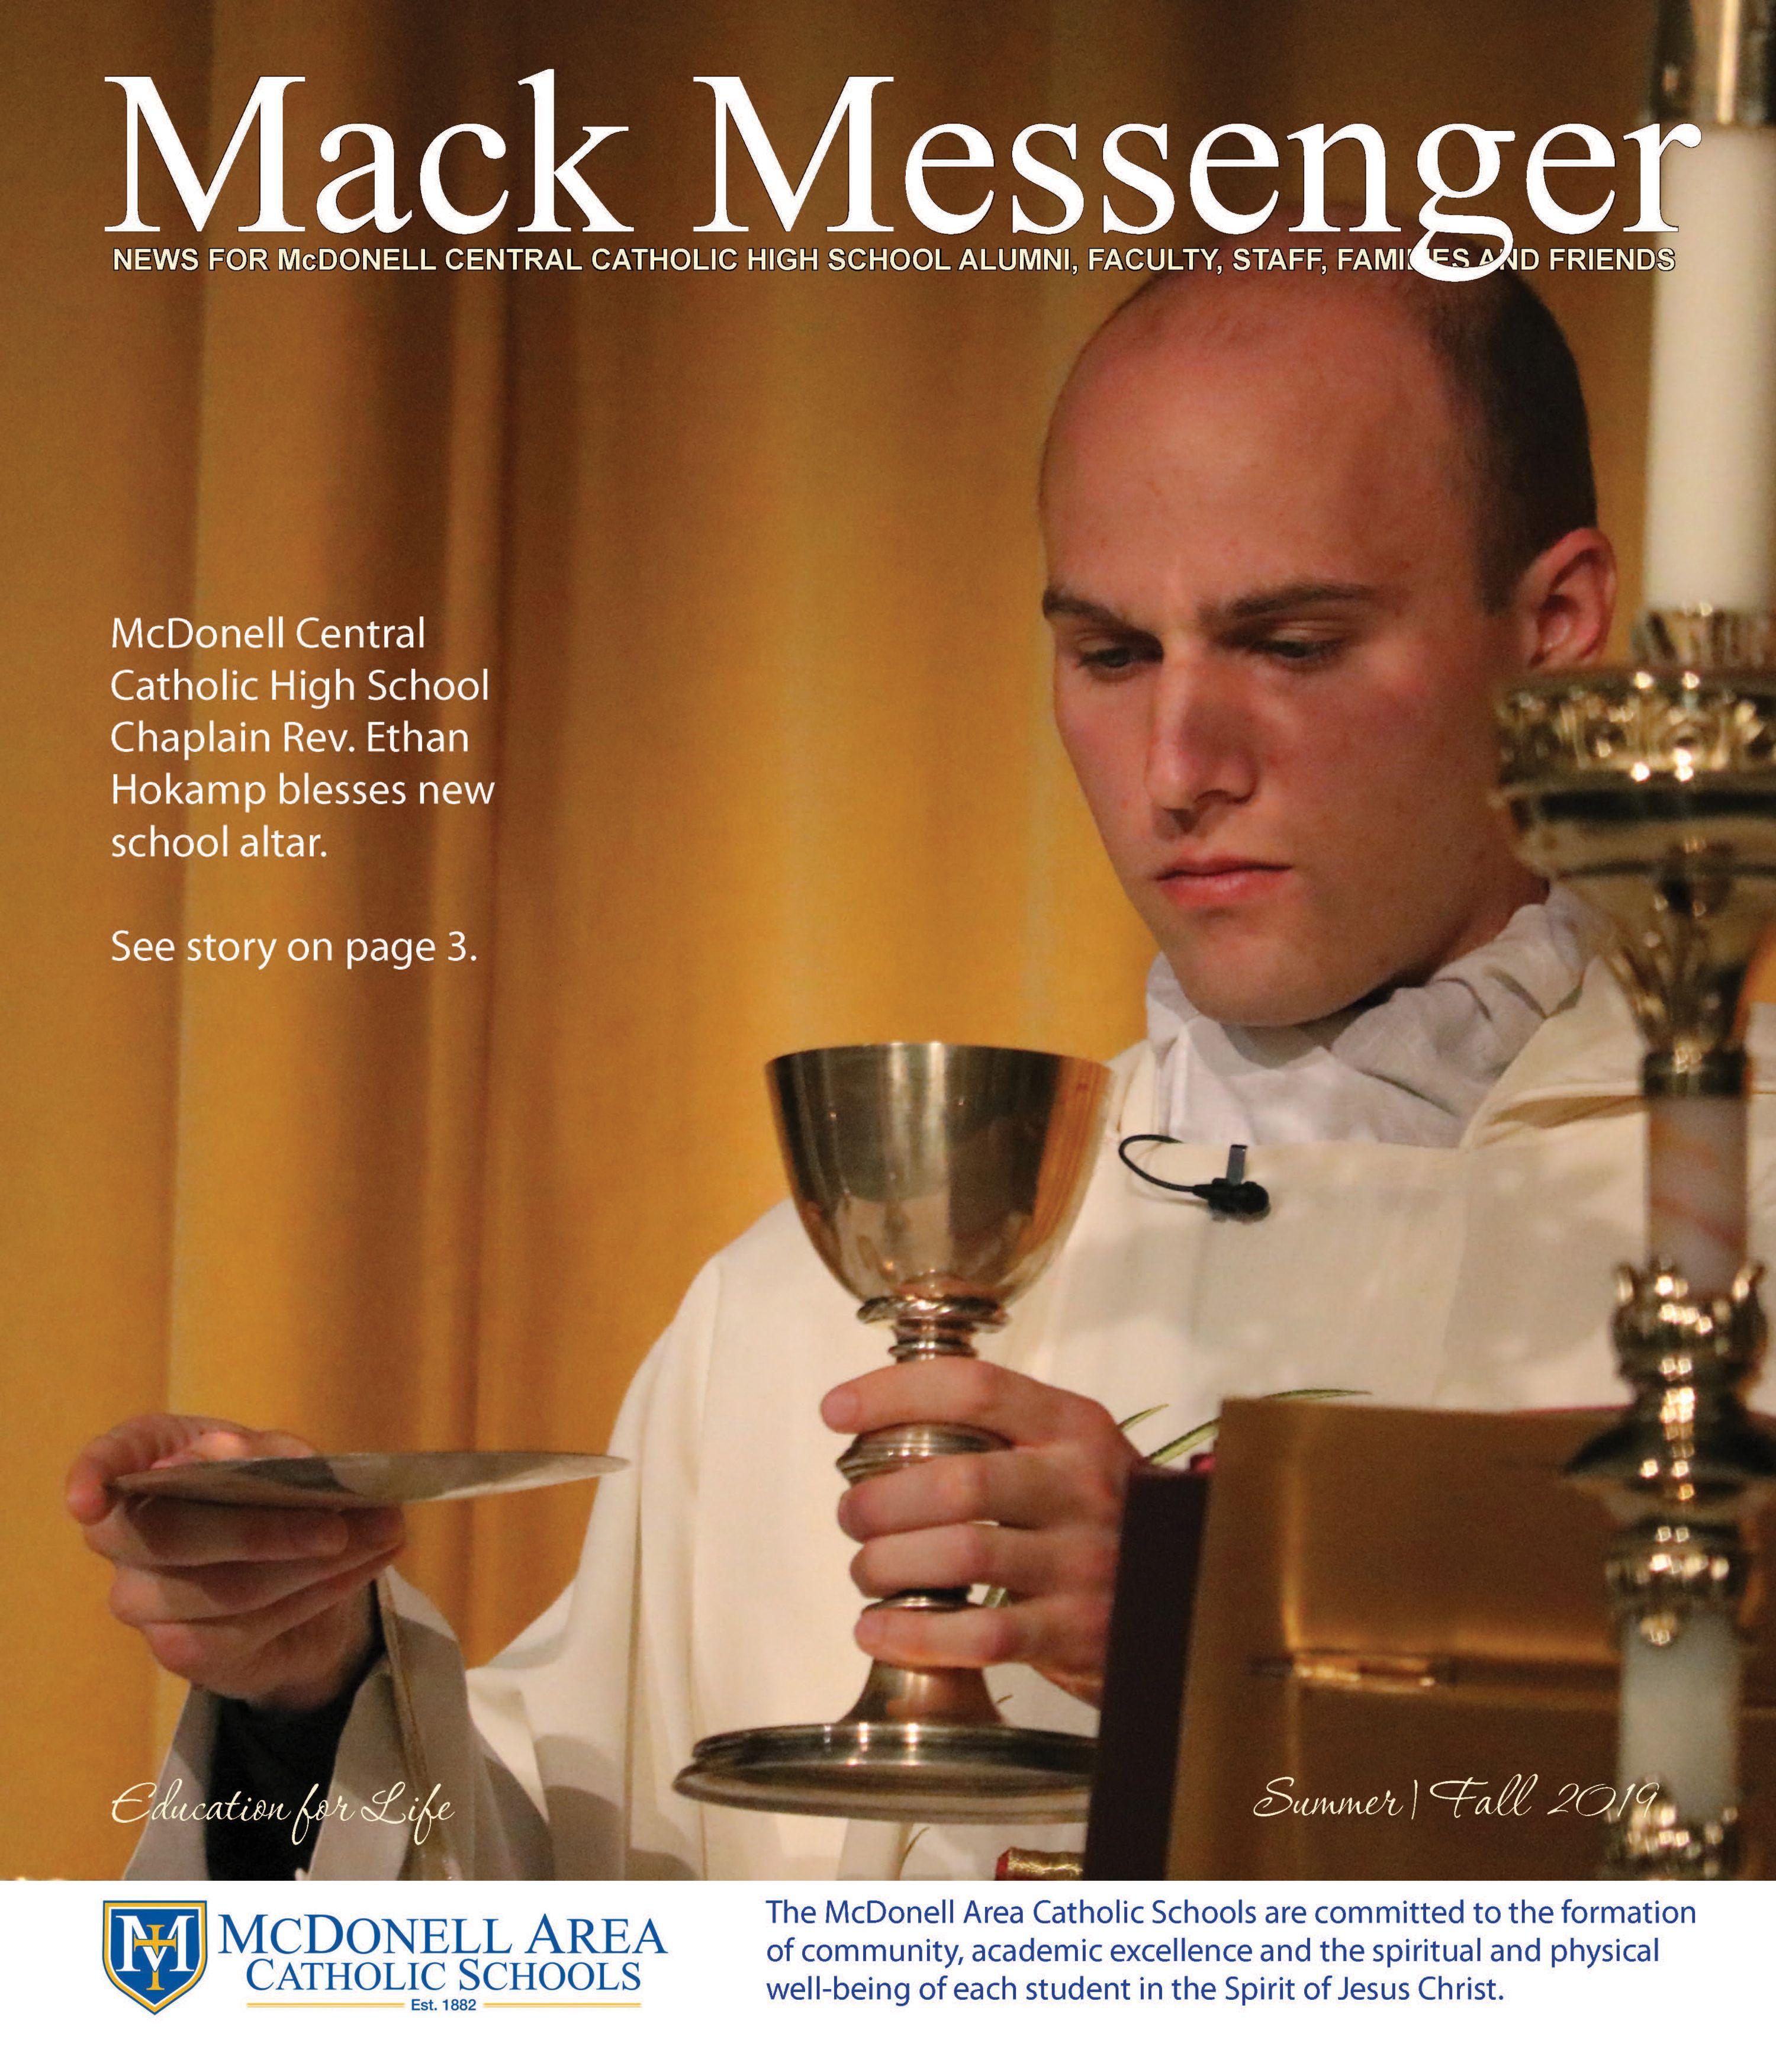 Mack Messenger summer fall issue